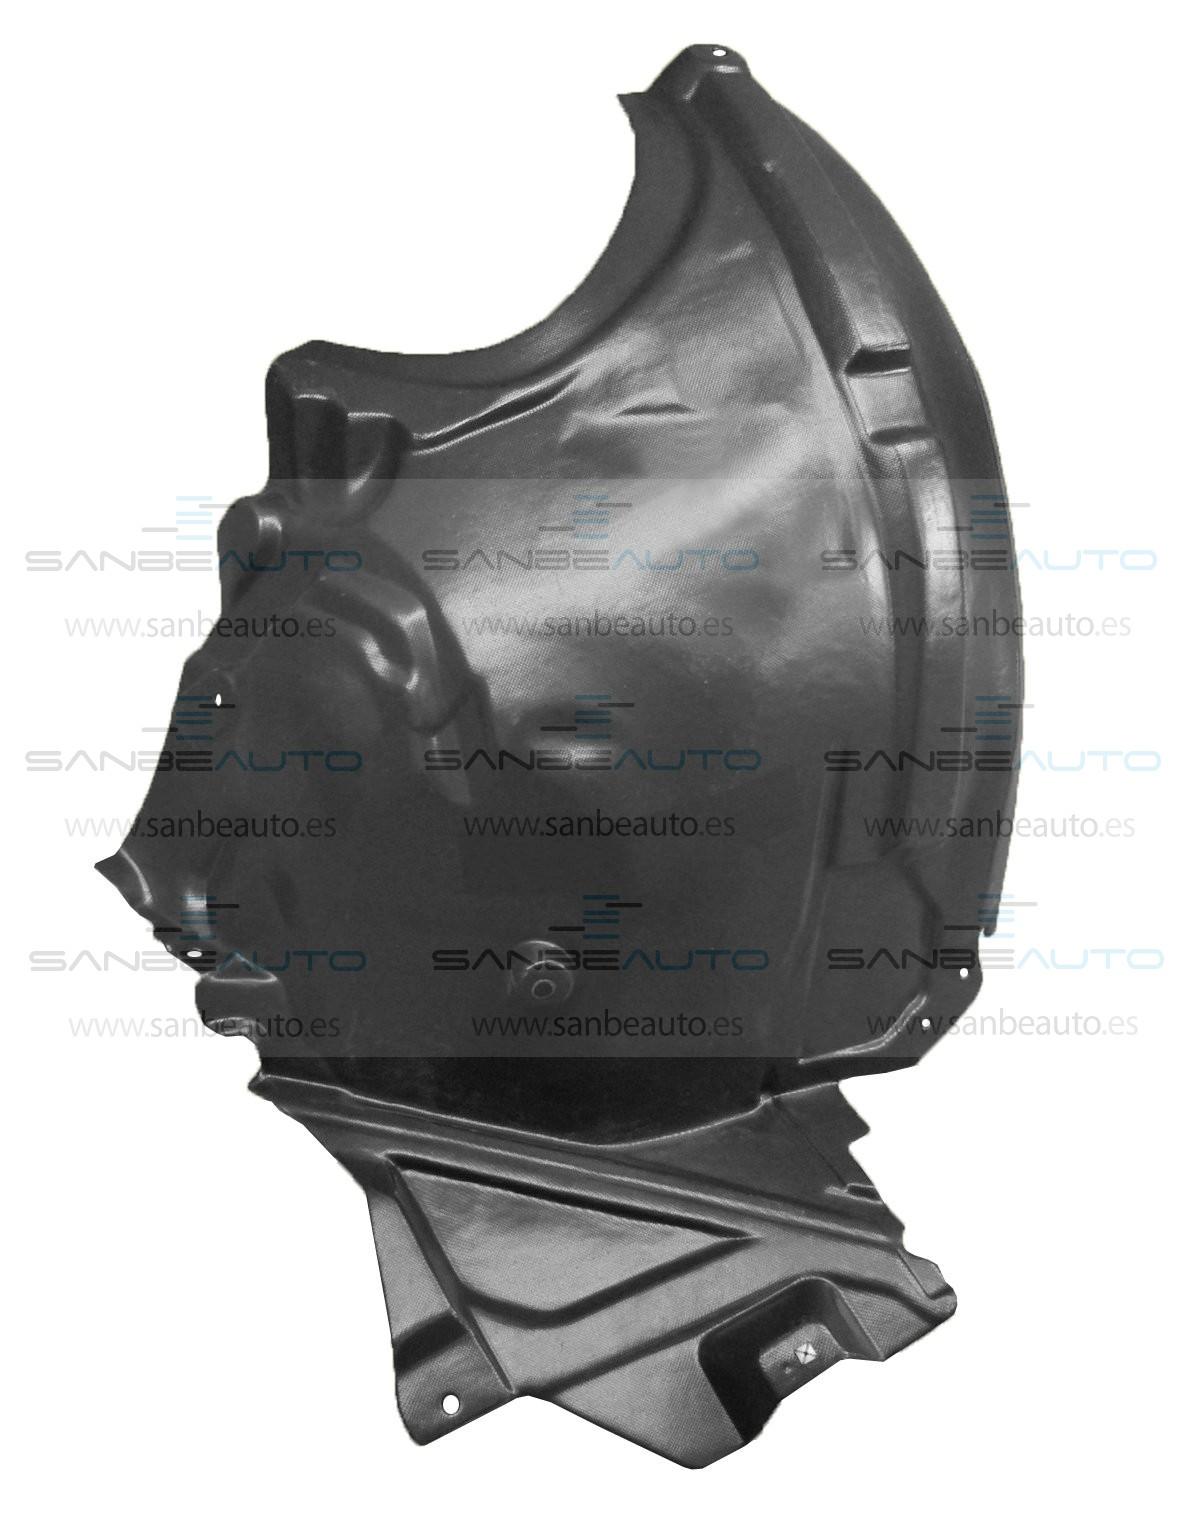 MERCEDES E W212 09-*PLASTICO PASE DE RUEDA DELANTERO DCH(PARTE TRASERA)